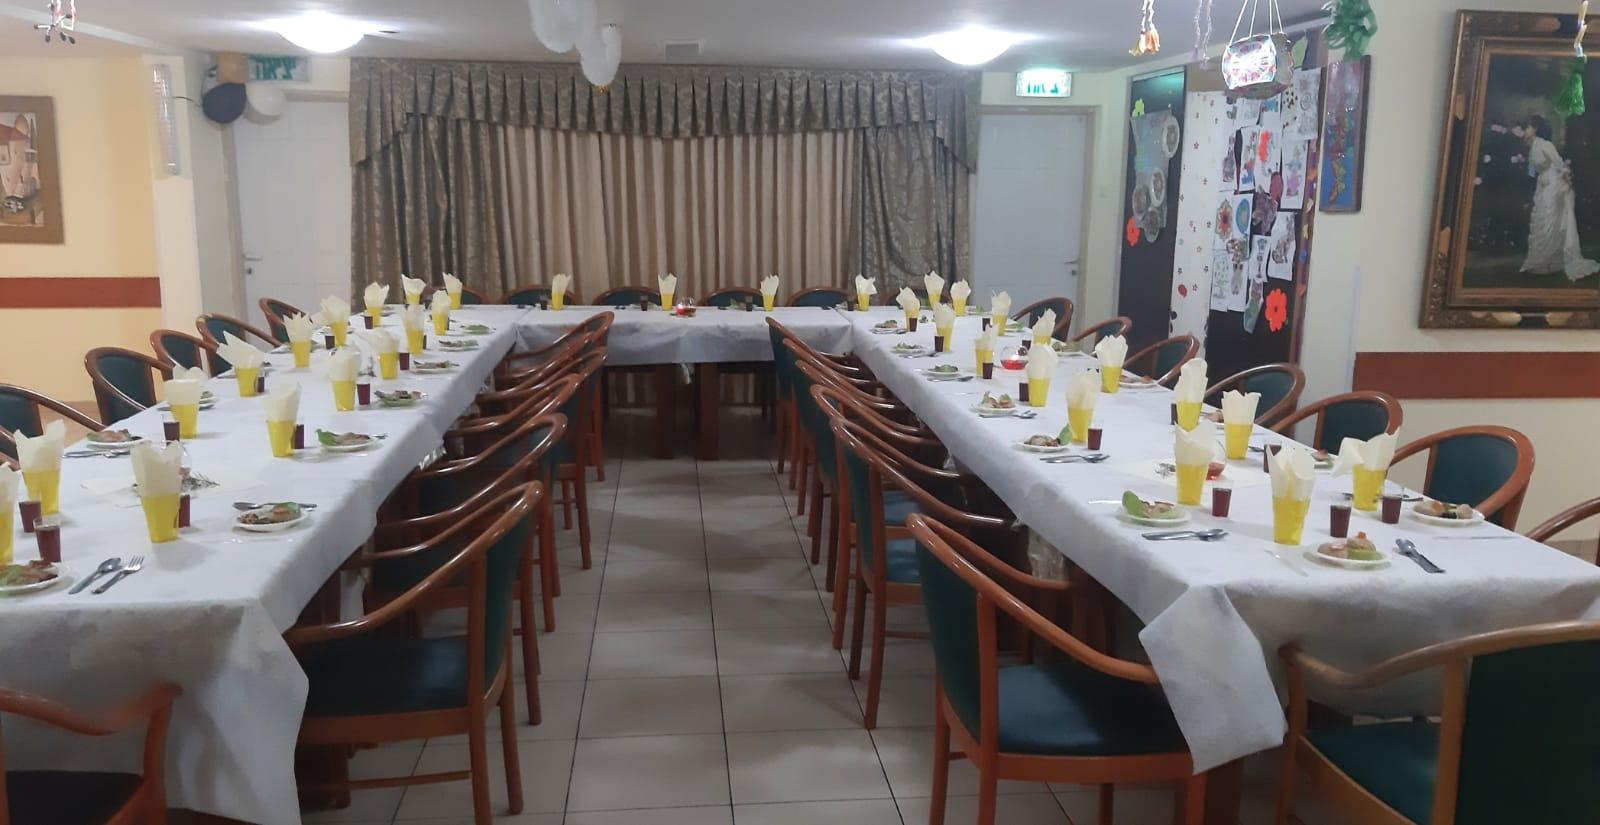 בית אבות בחיפה - לב חיפה